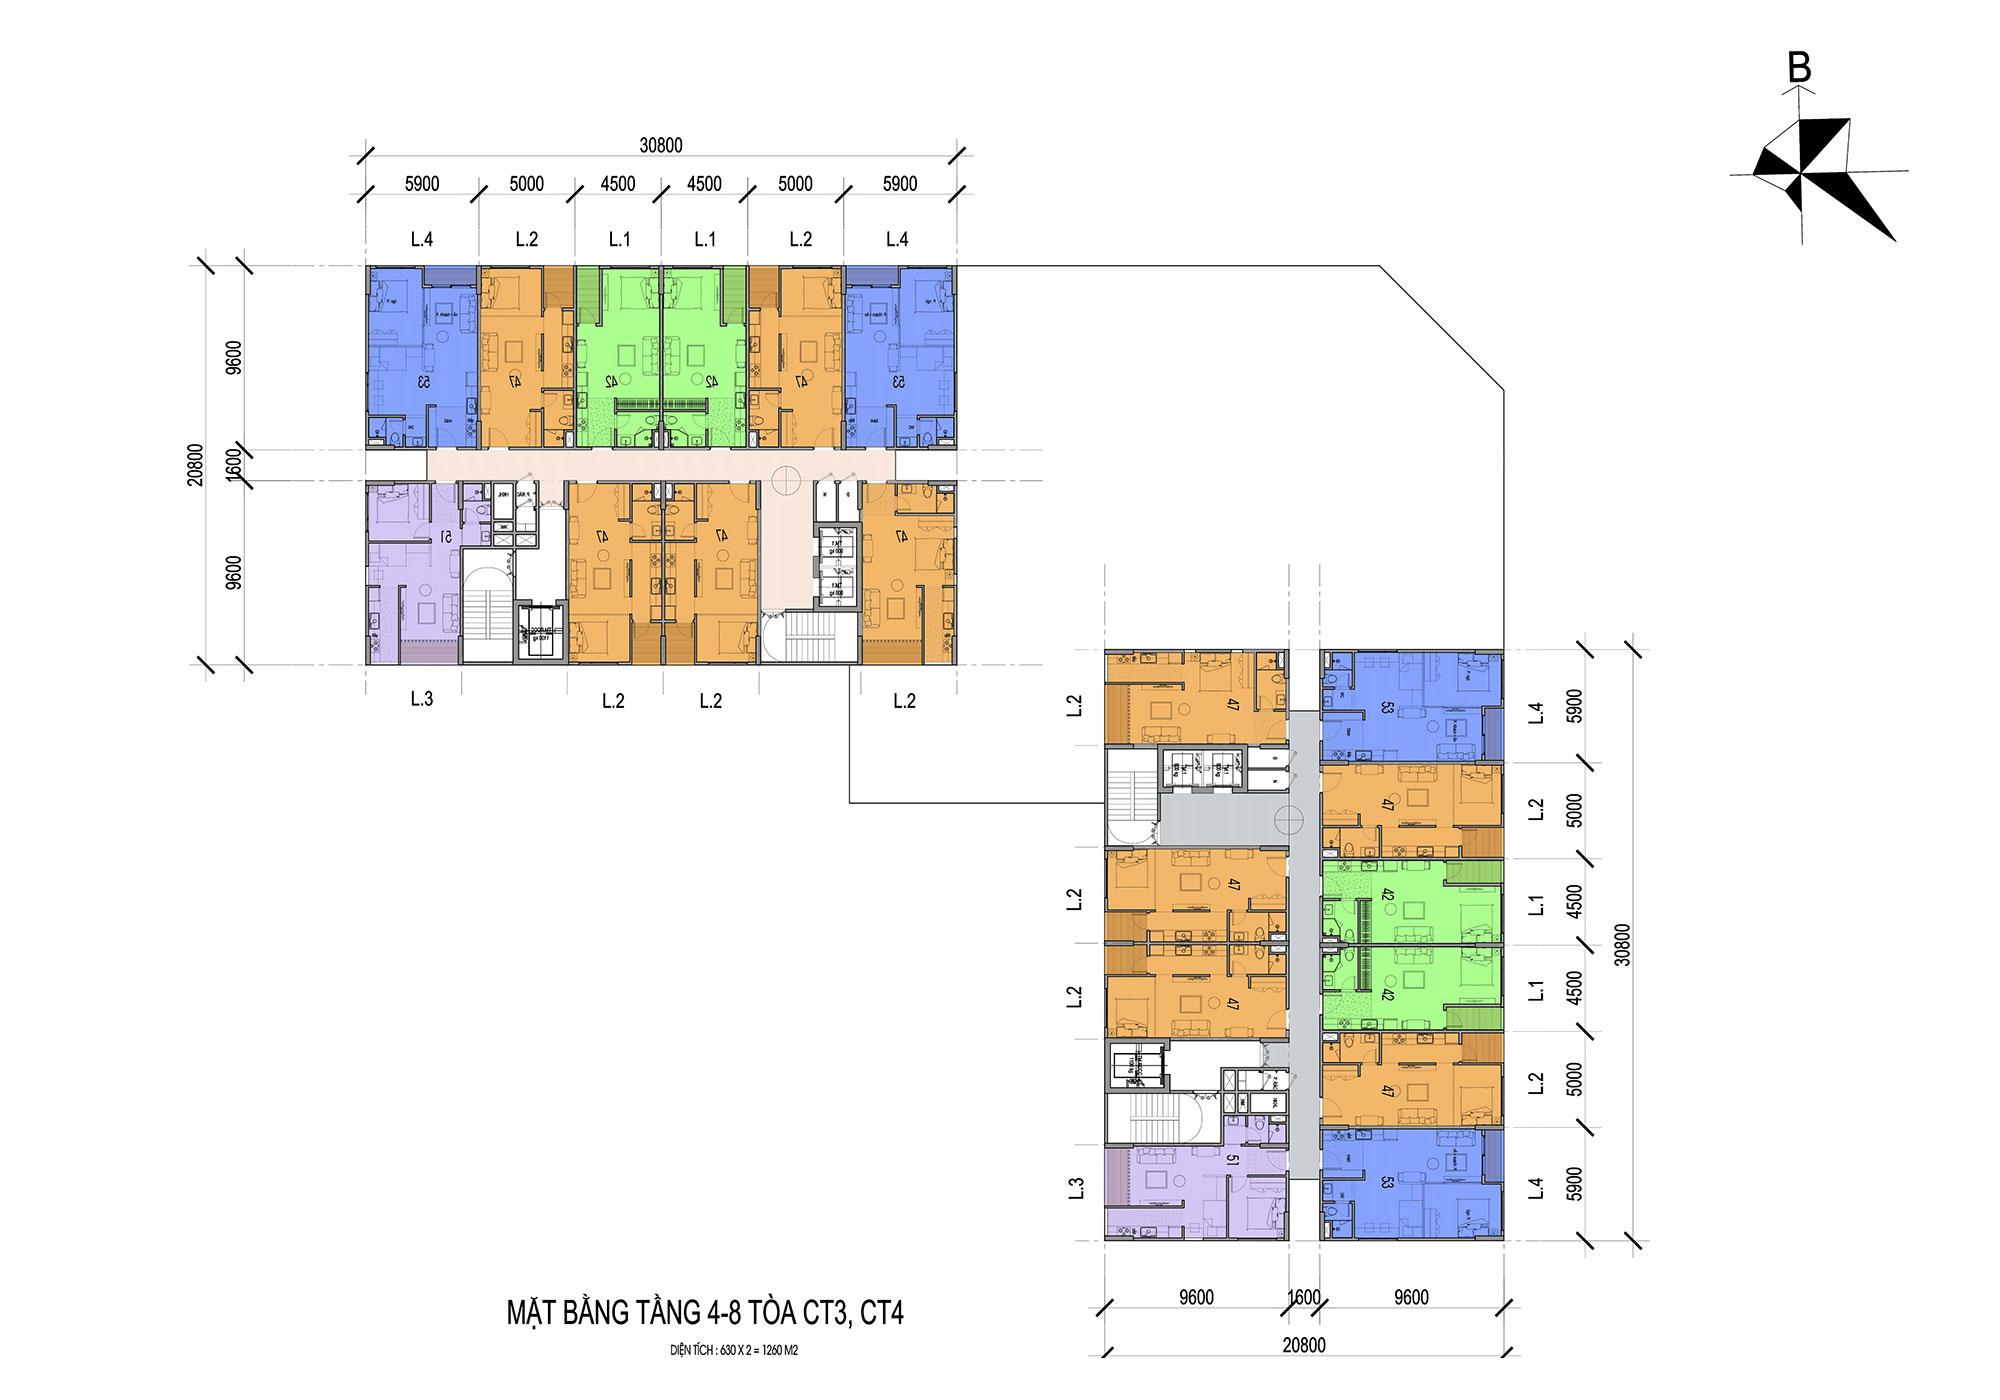 mat-bang-tang-4-8-toa-ct3-ct4-eco-smart-city